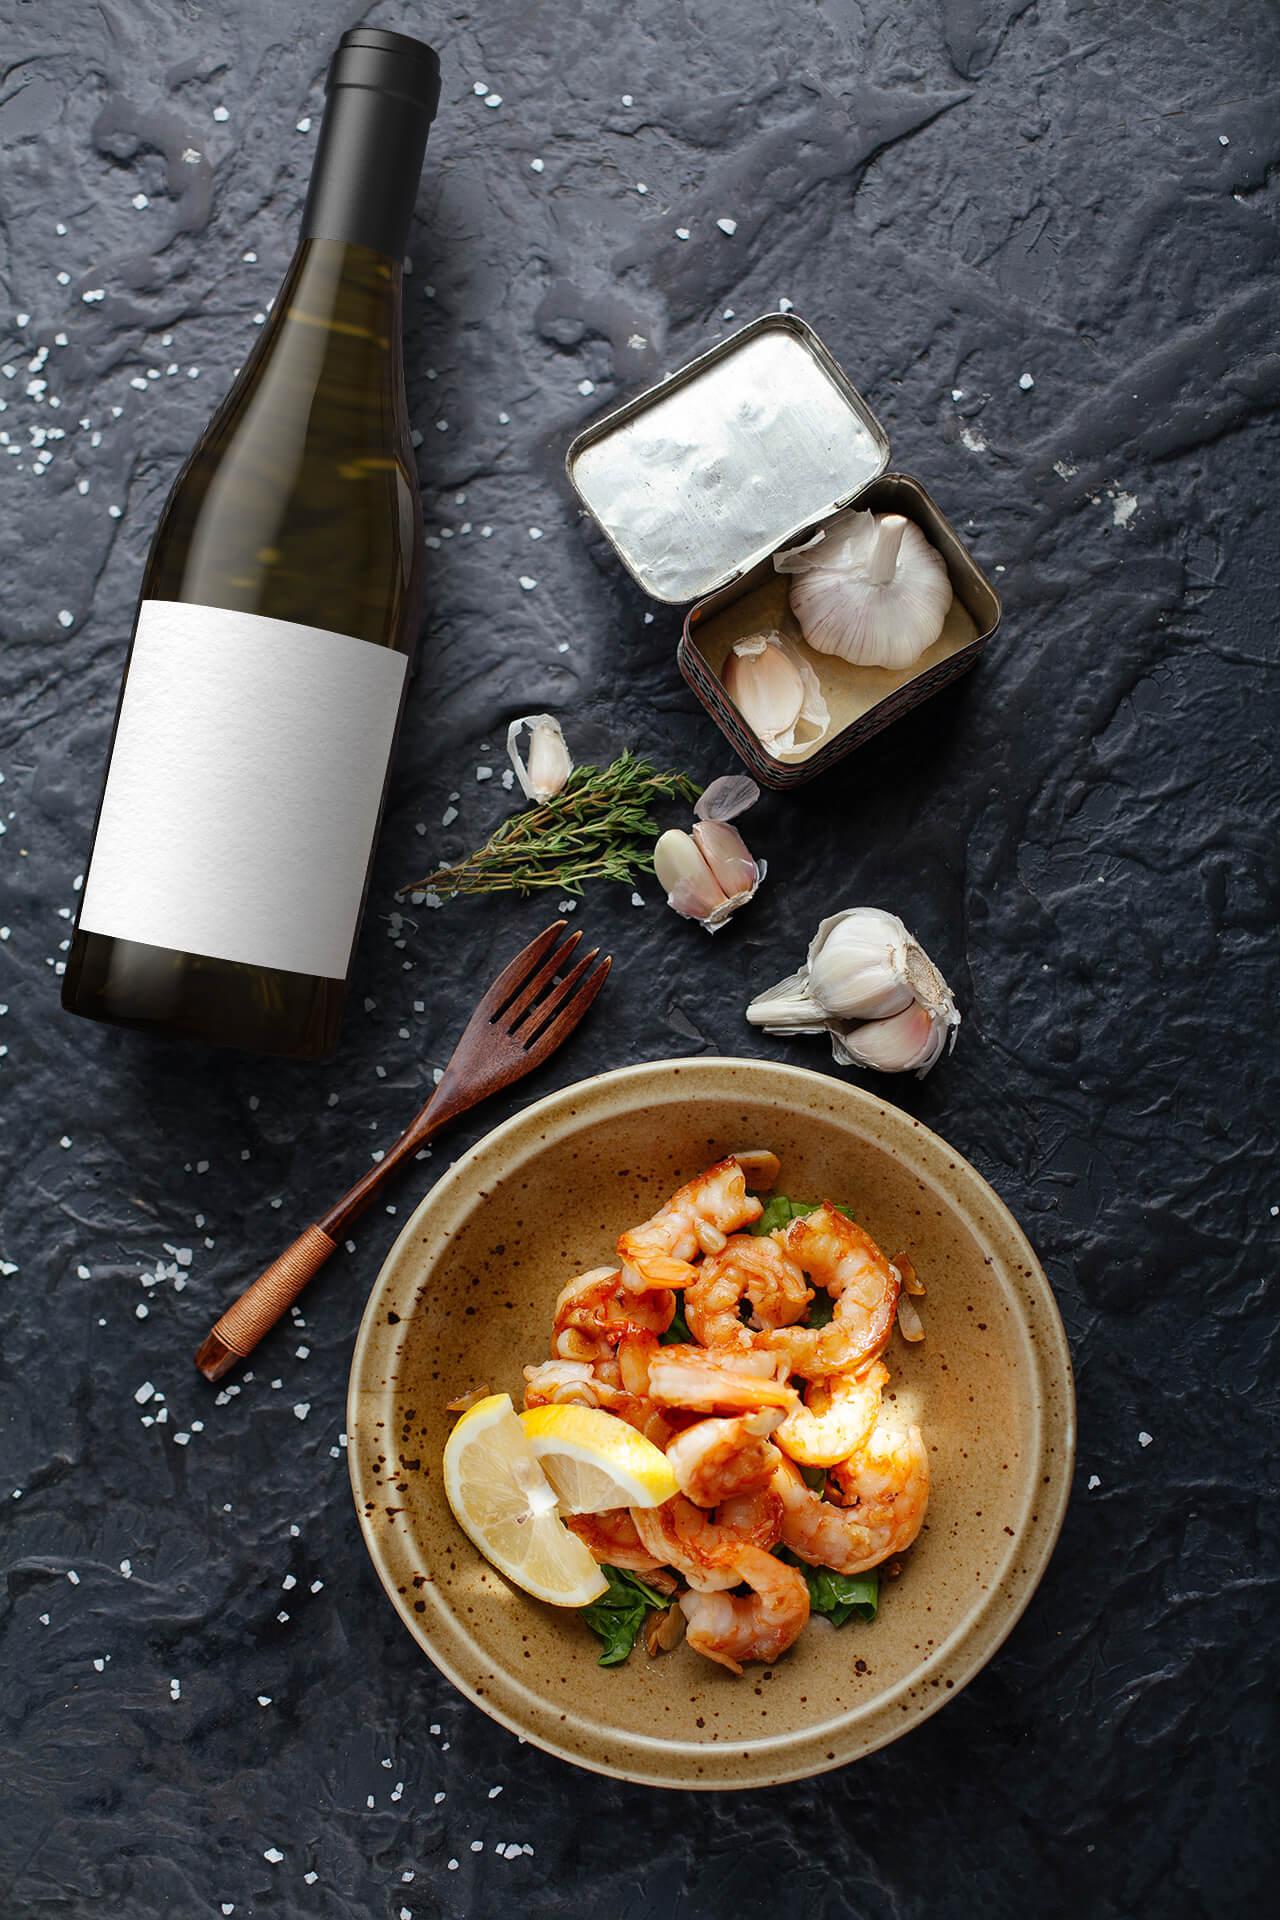 Delicate shrimps